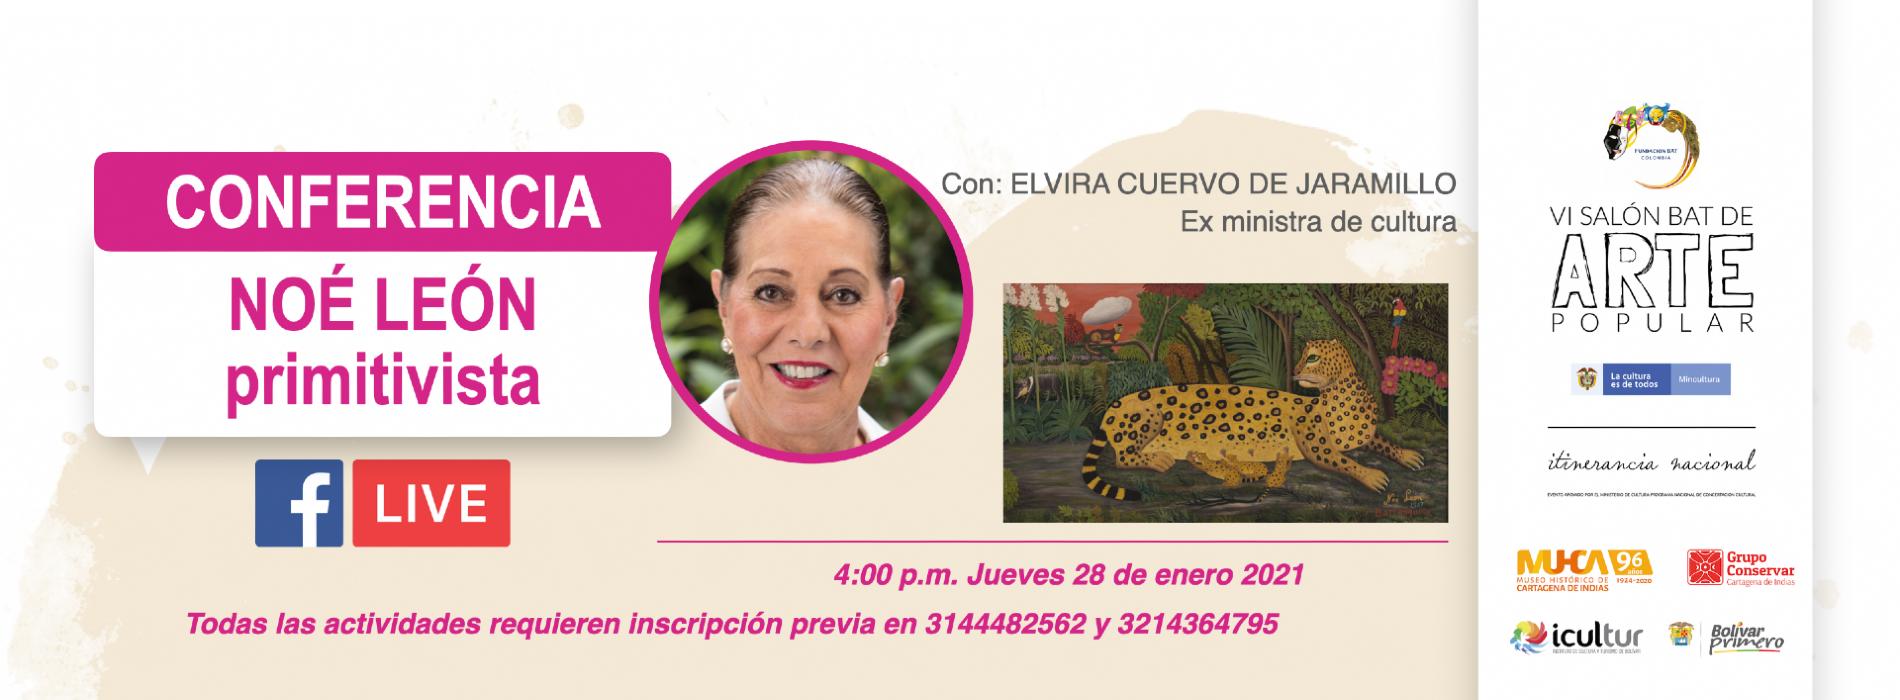 Exposición Noé León